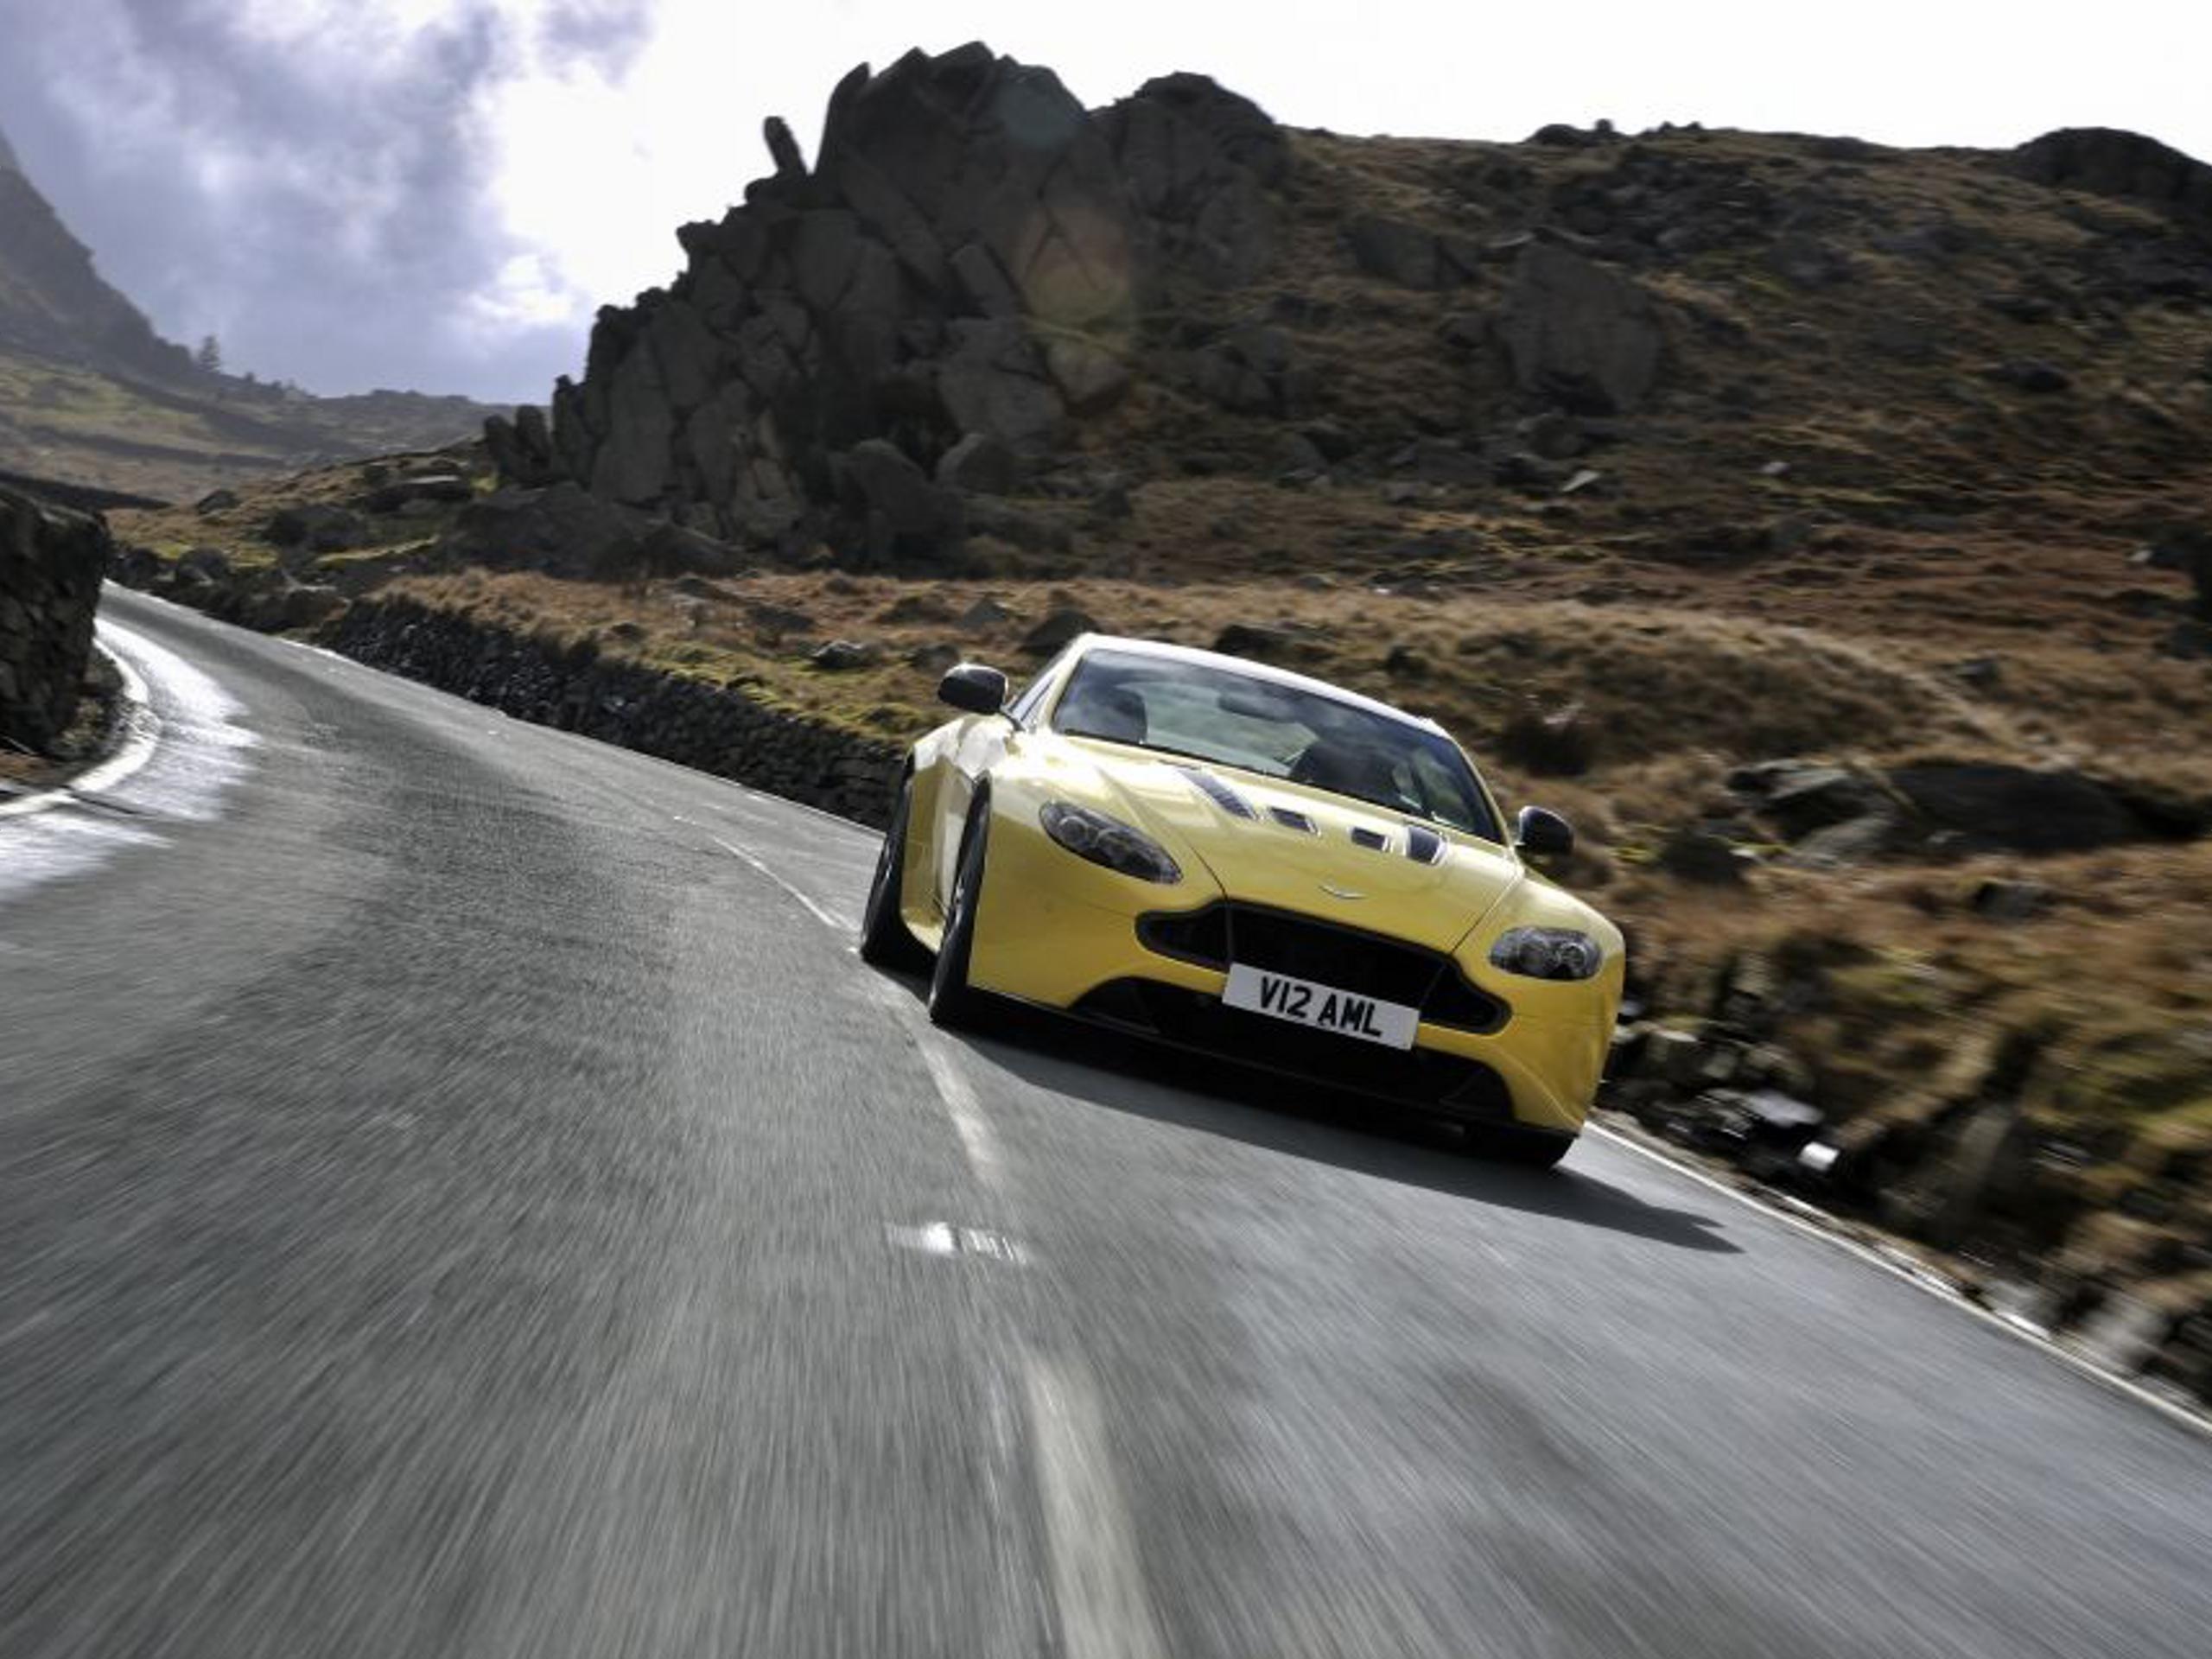 Aston Martin V12 Vantage S 2013 Preise Und Technische Daten